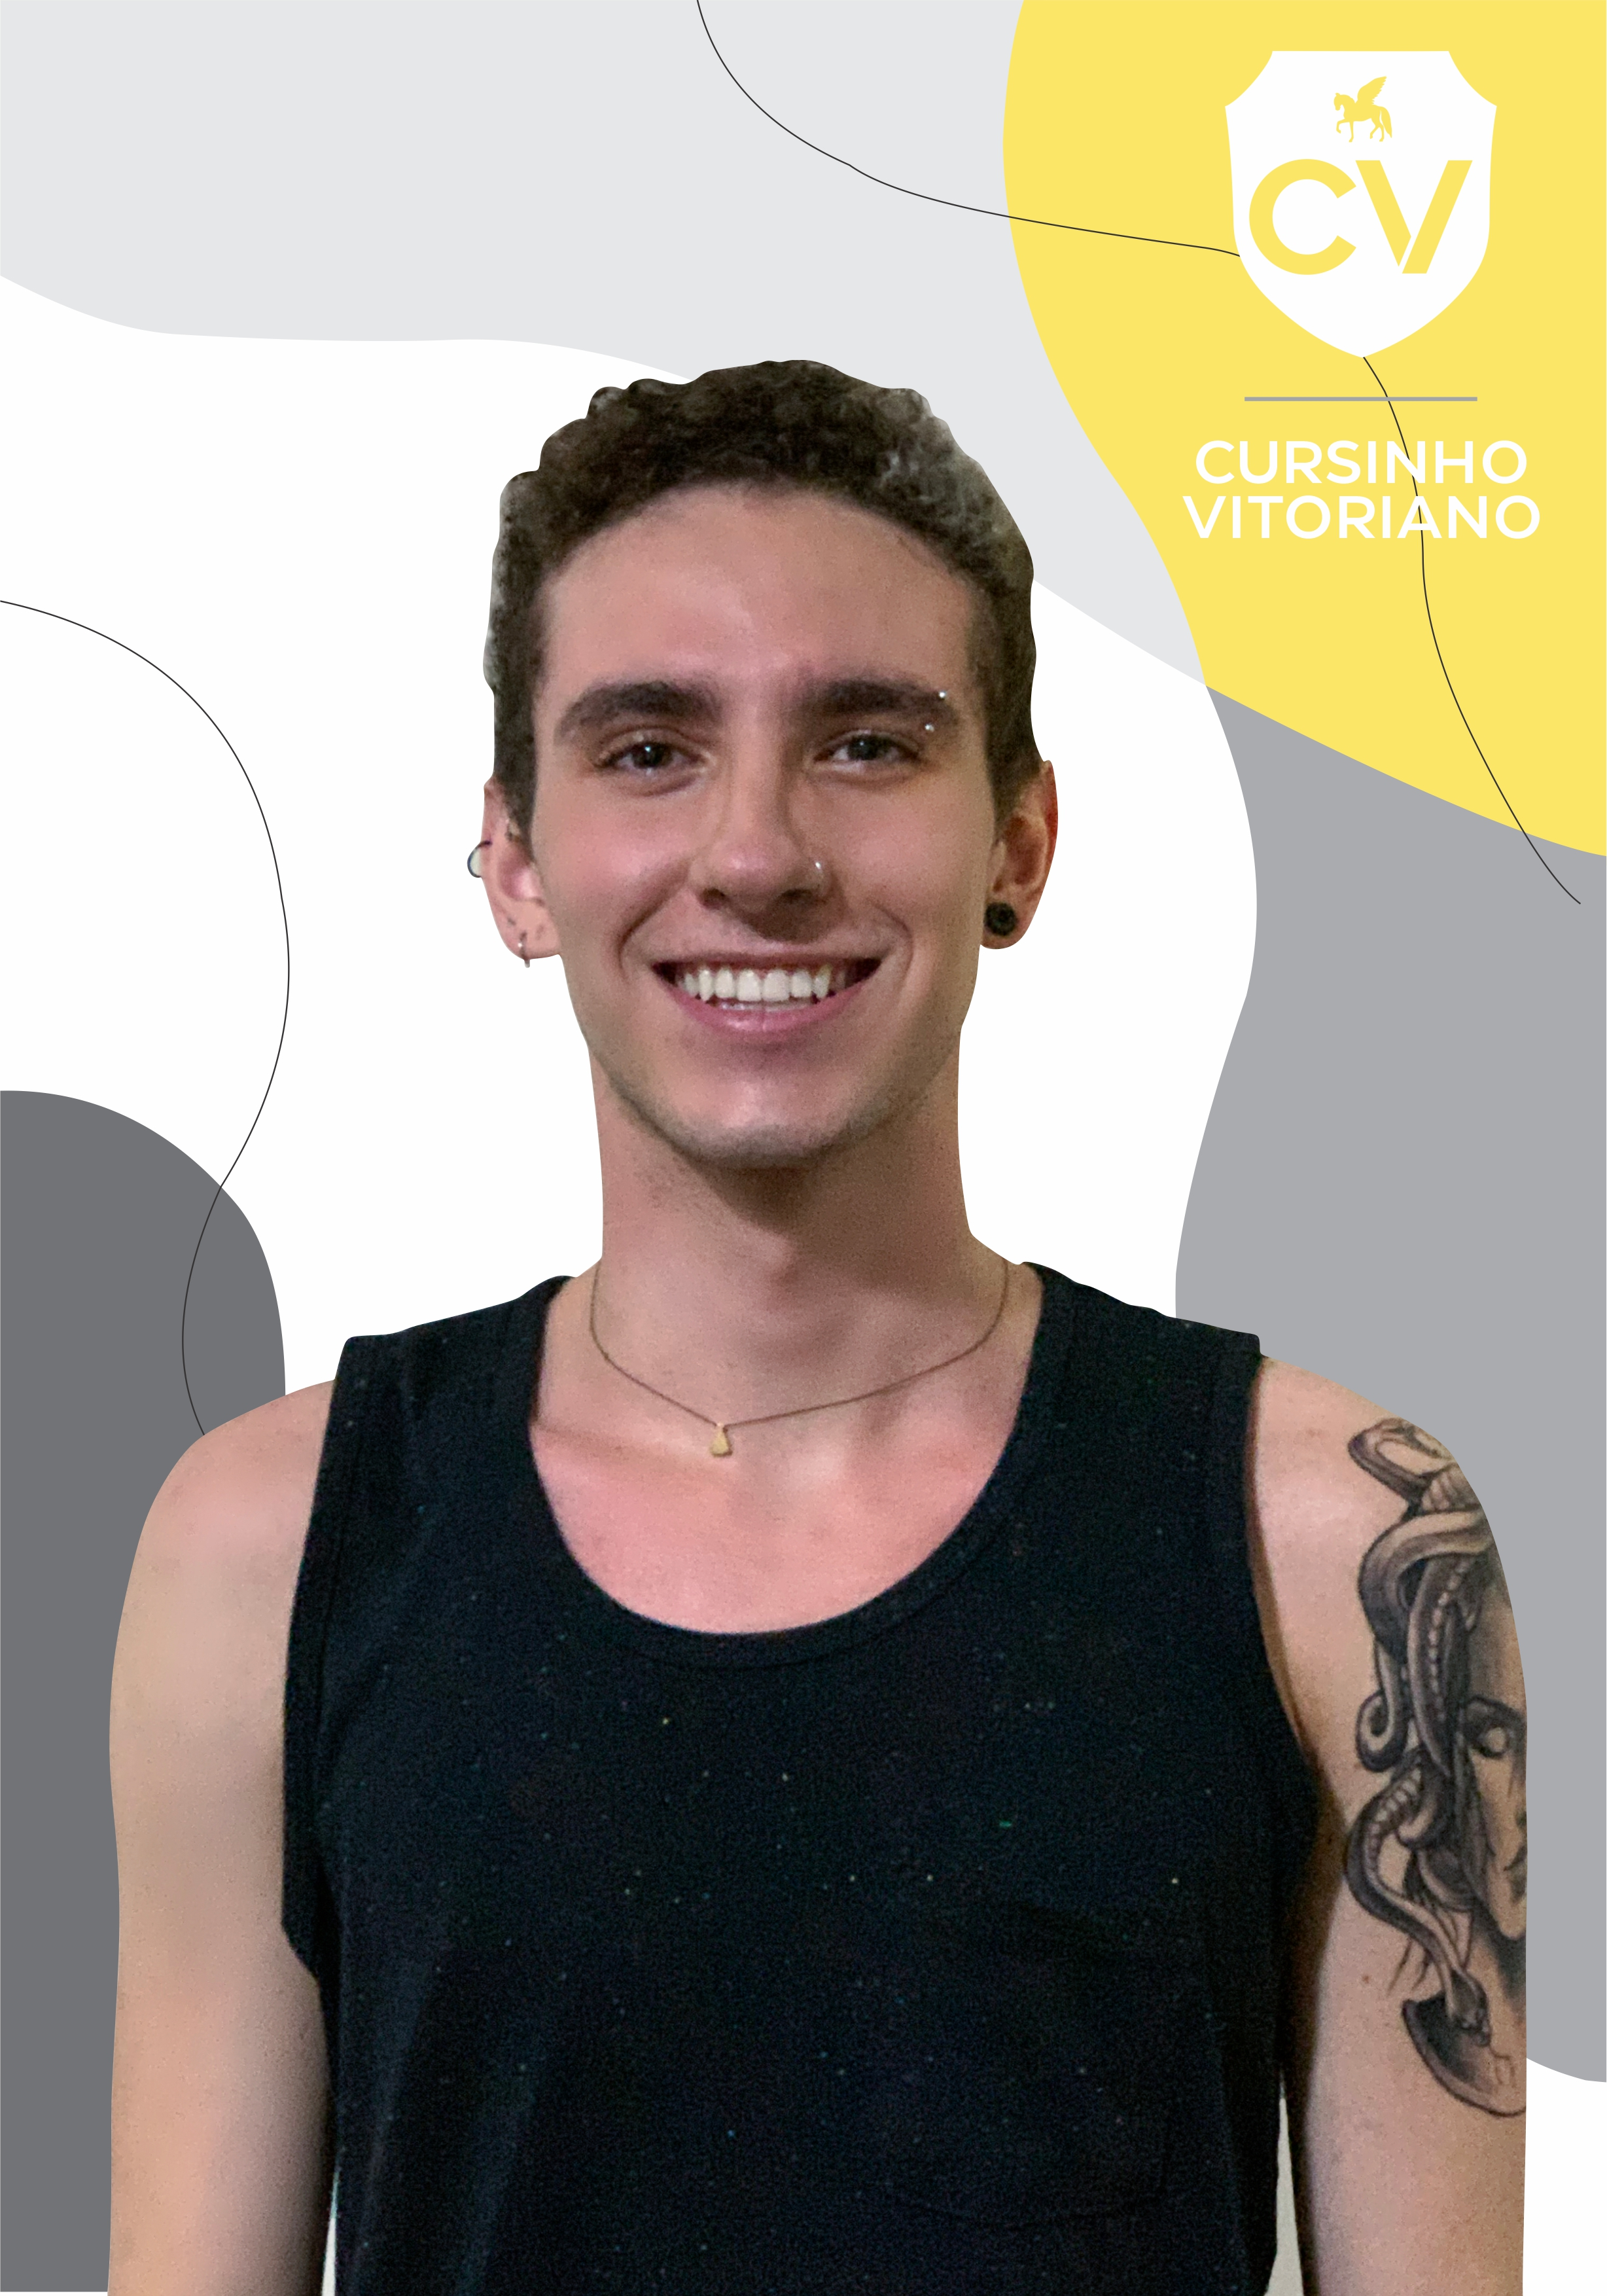 João Ricardo Maués